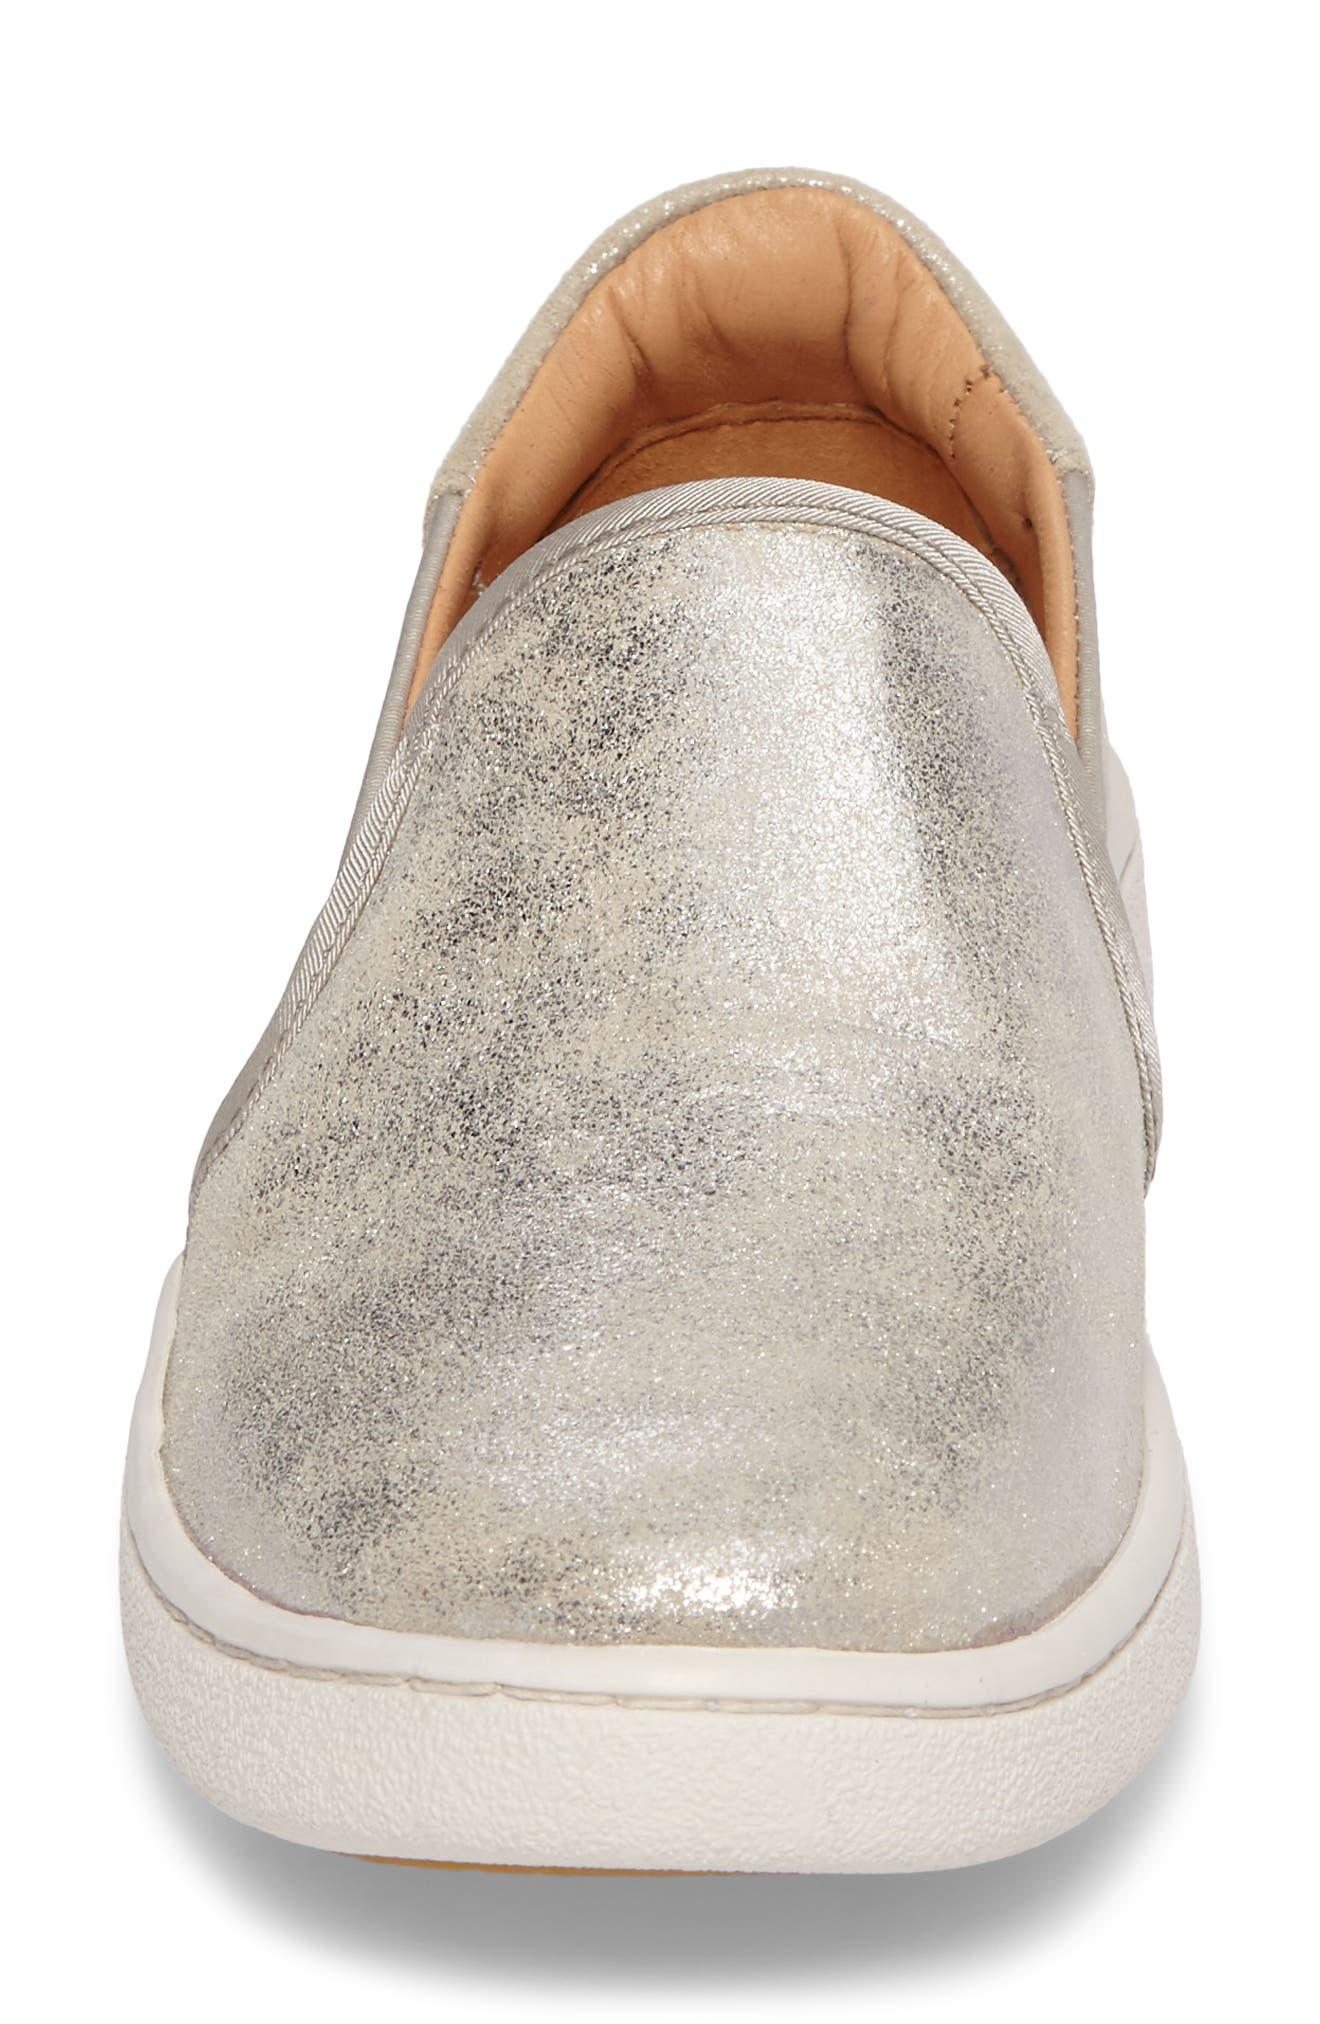 Cas Stardust Slip-On Sneaker,                             Alternate thumbnail 4, color,                             040